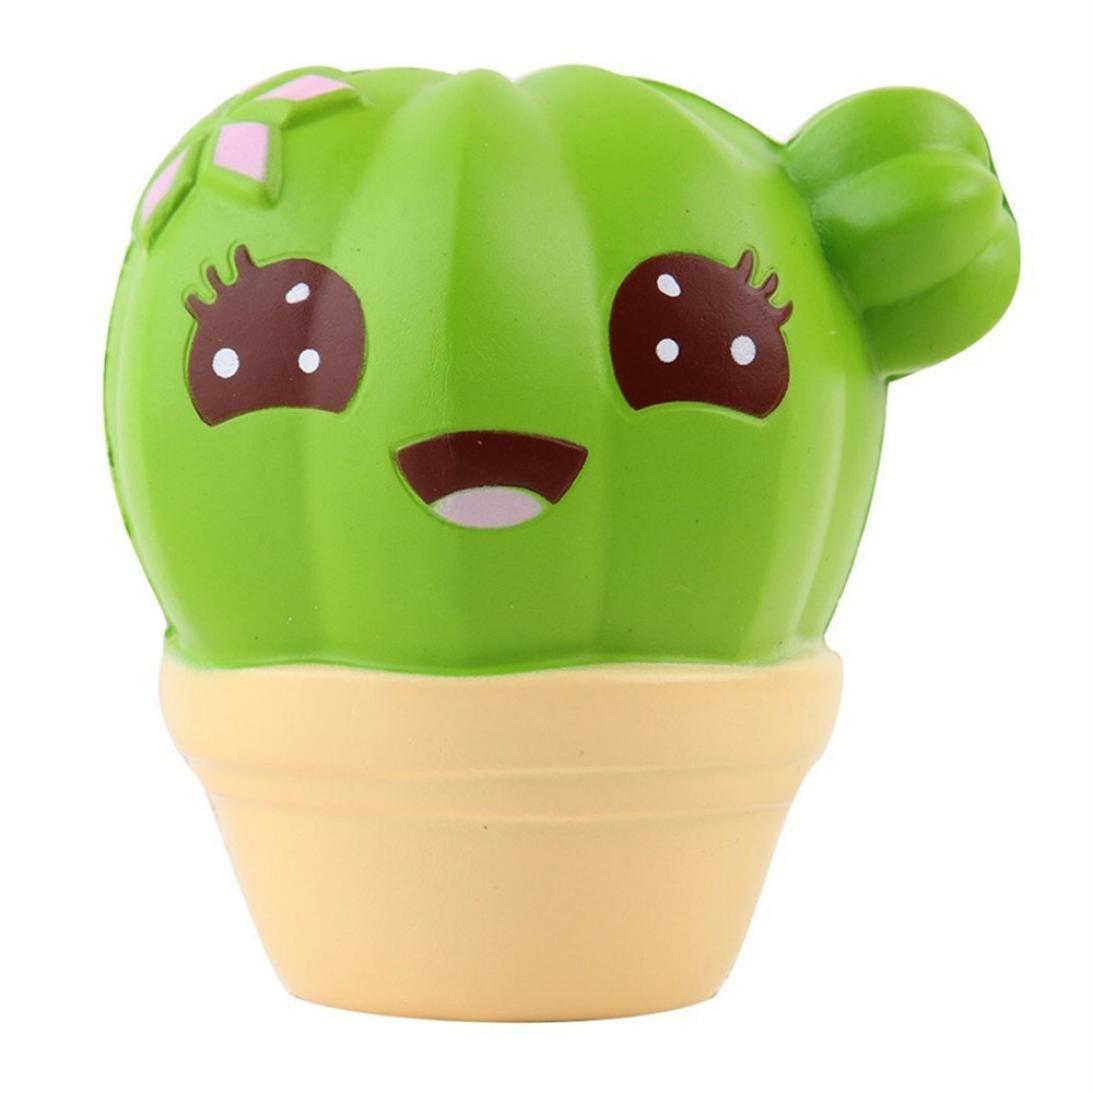 vicgrey Decompression Toy Series Cute Cactus Cream Aroma Morbido cinturino a compressione lenta